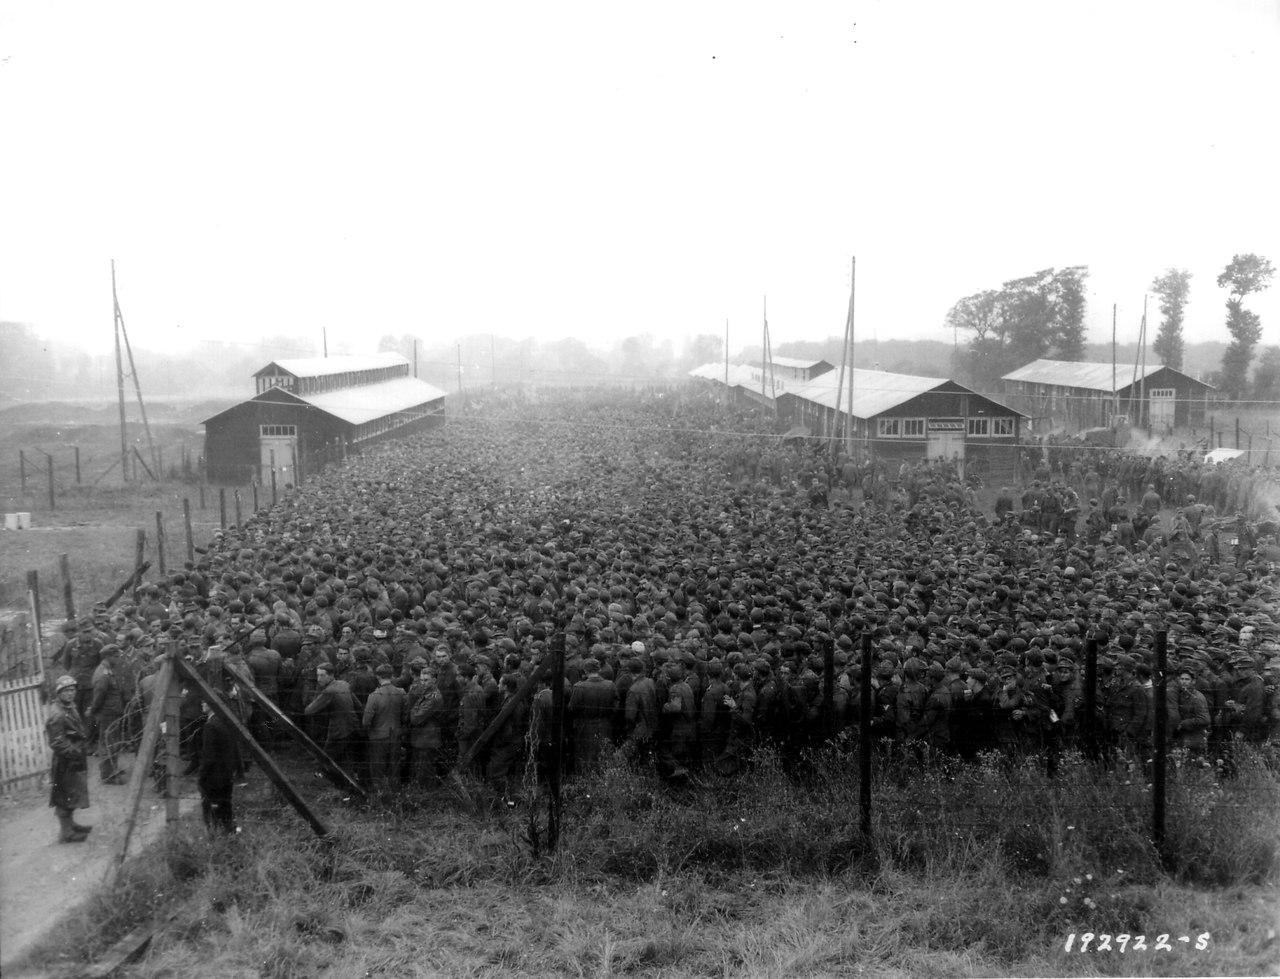 От 30 000 до 40 000 немецких солдат, попавших в плен в результате Фалезской операции союзников